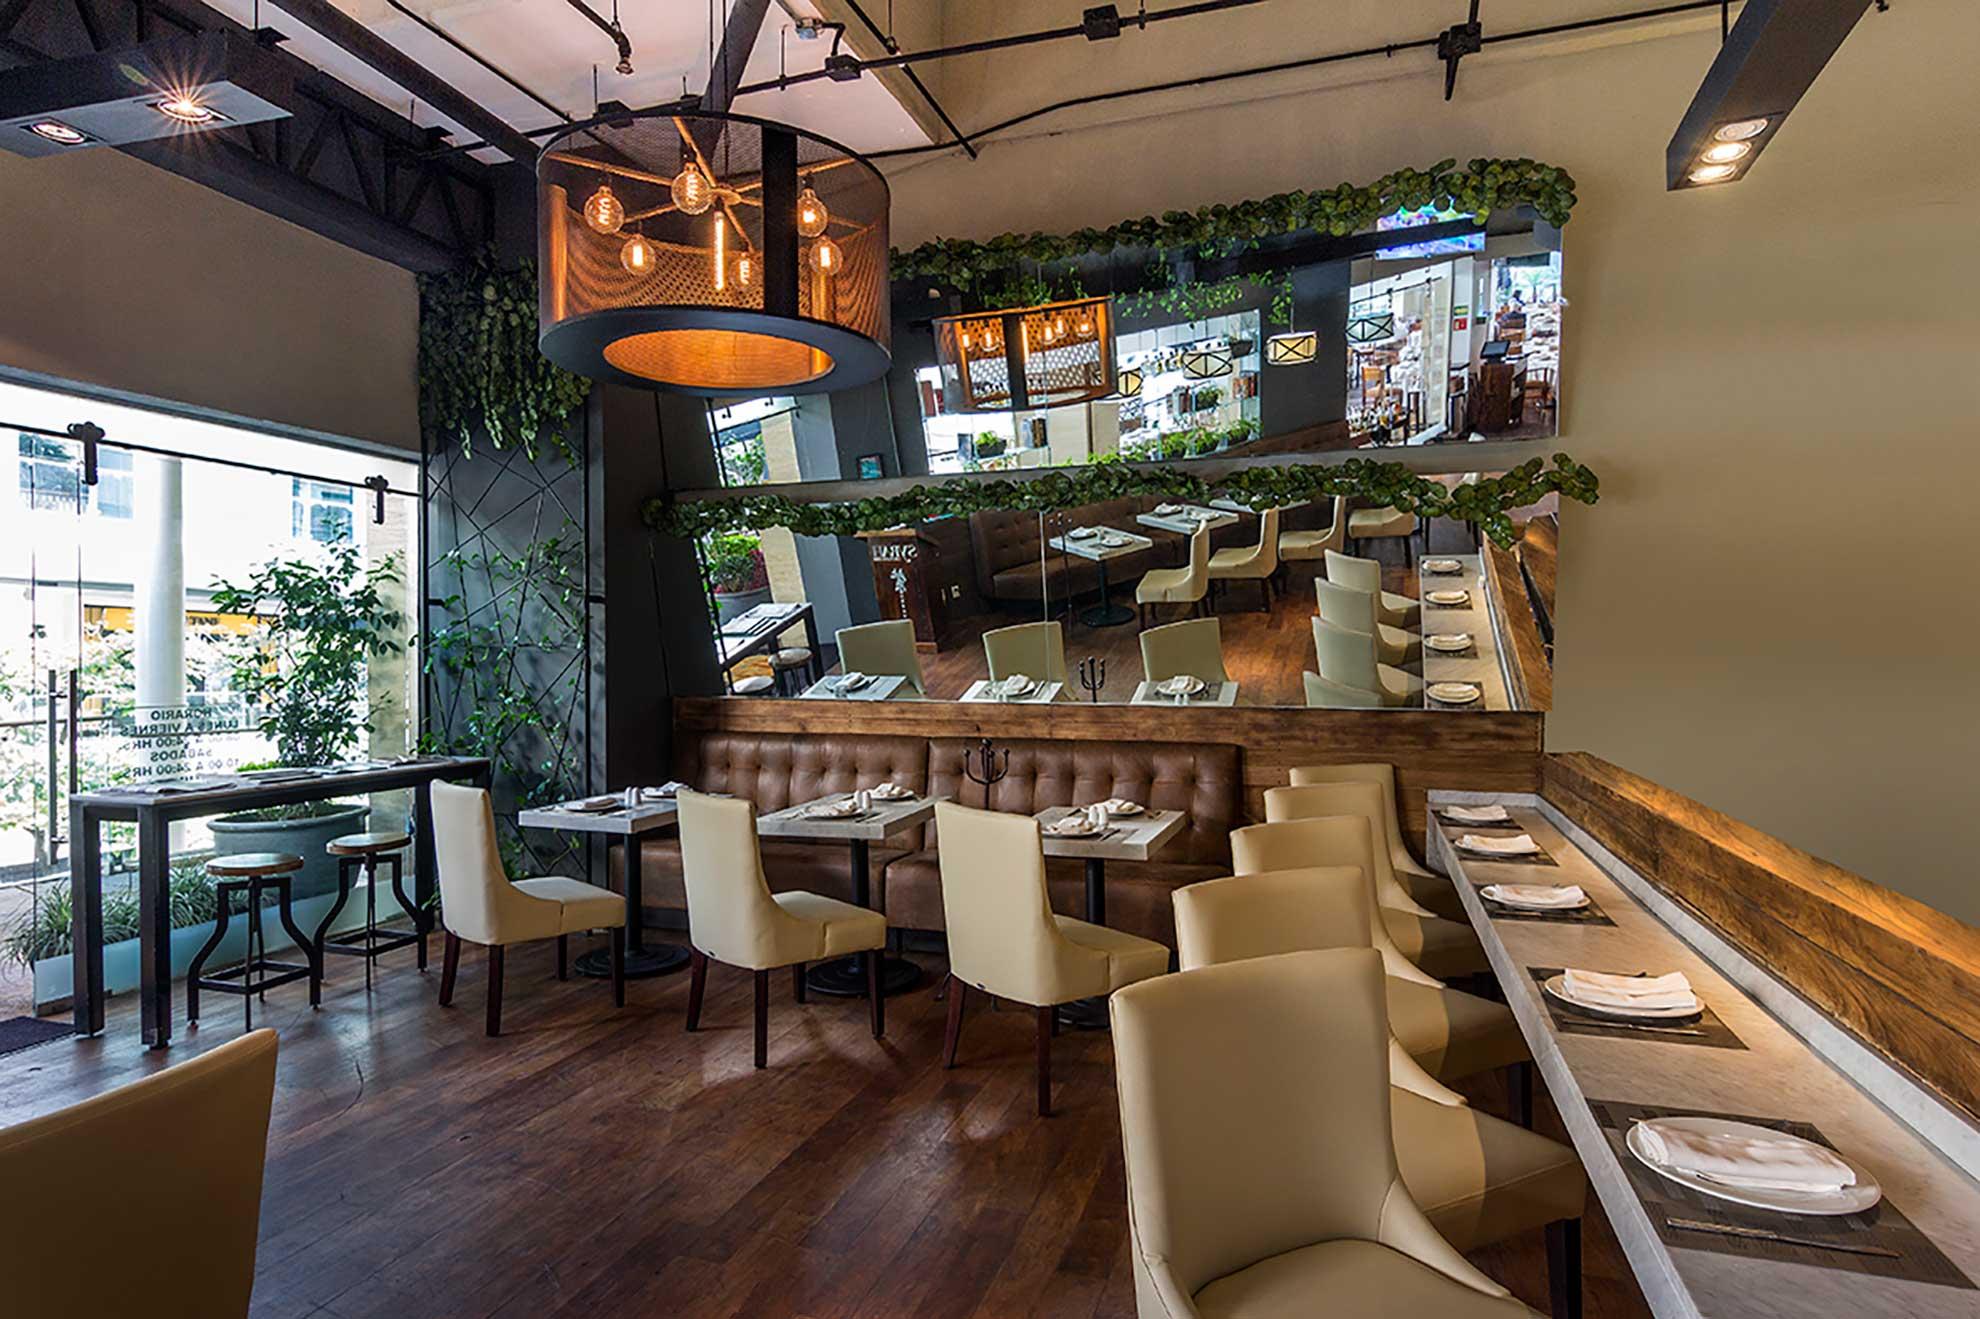 Restaurante de comida Asiática y Mediterránea unidos en un espacio diseñado por Depa 102